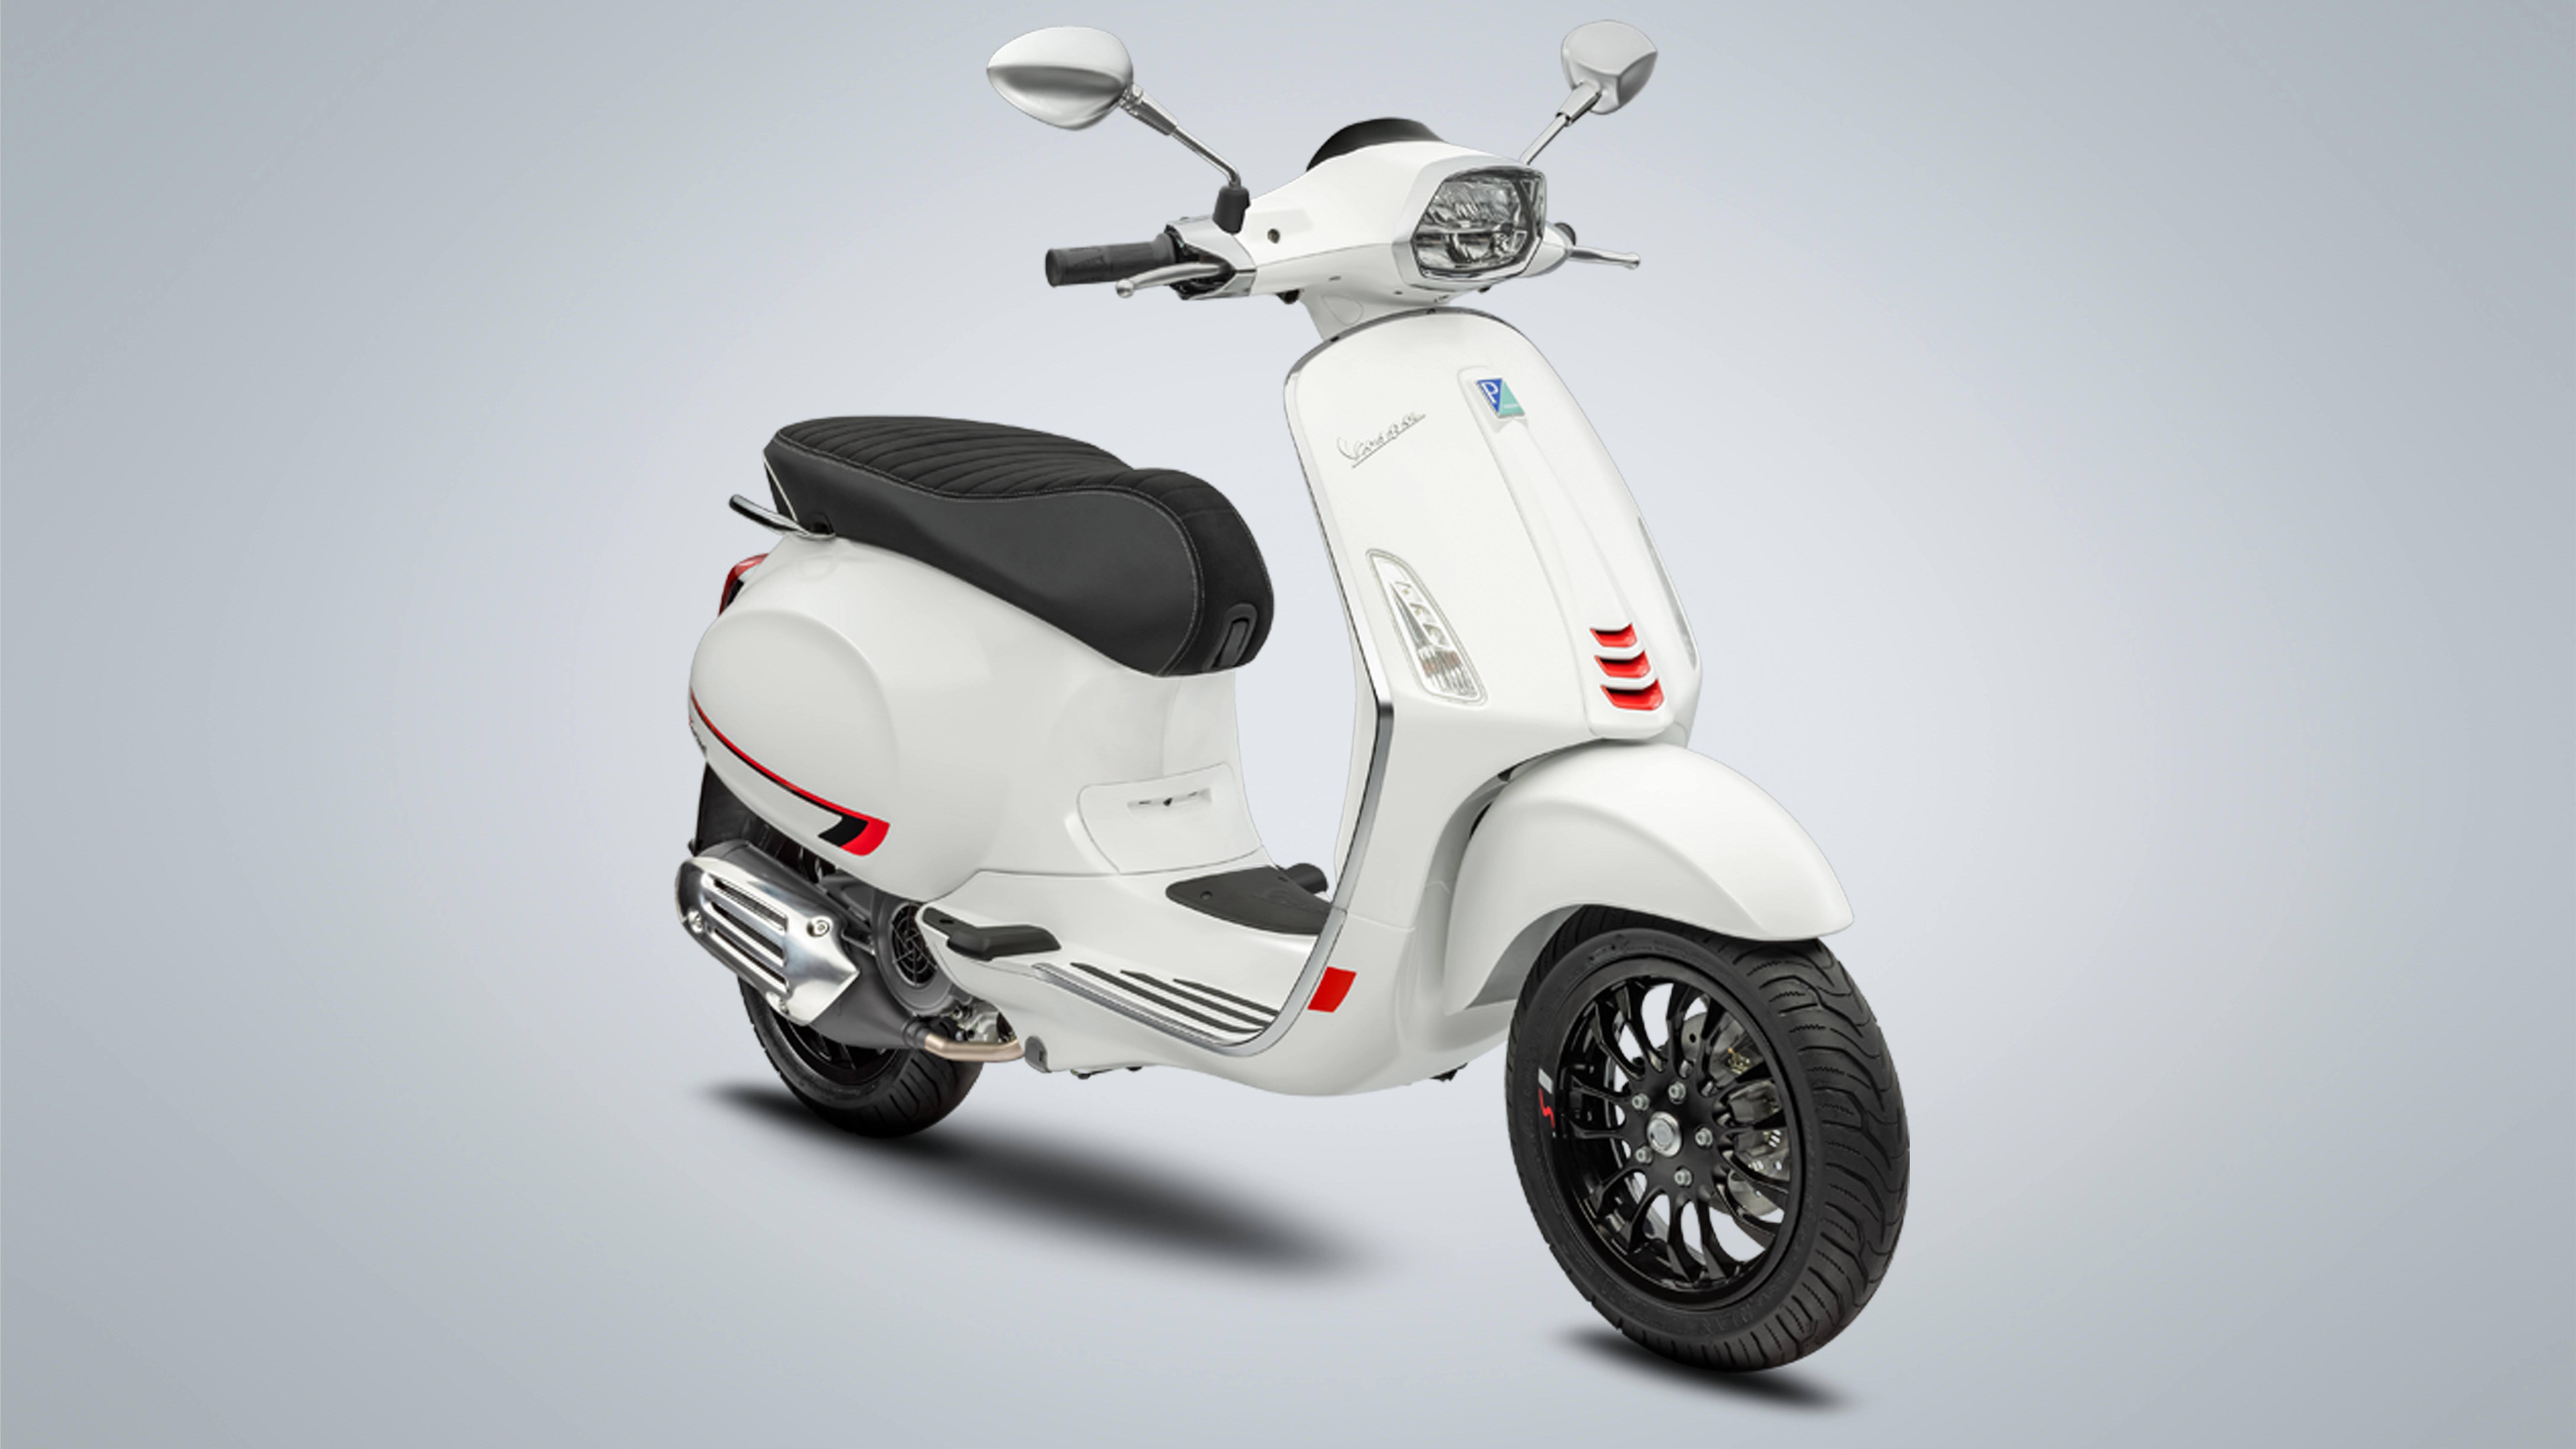 Piaggio Việt Nam tung ưu đãi hấp dẫn mừng năm mới 2021